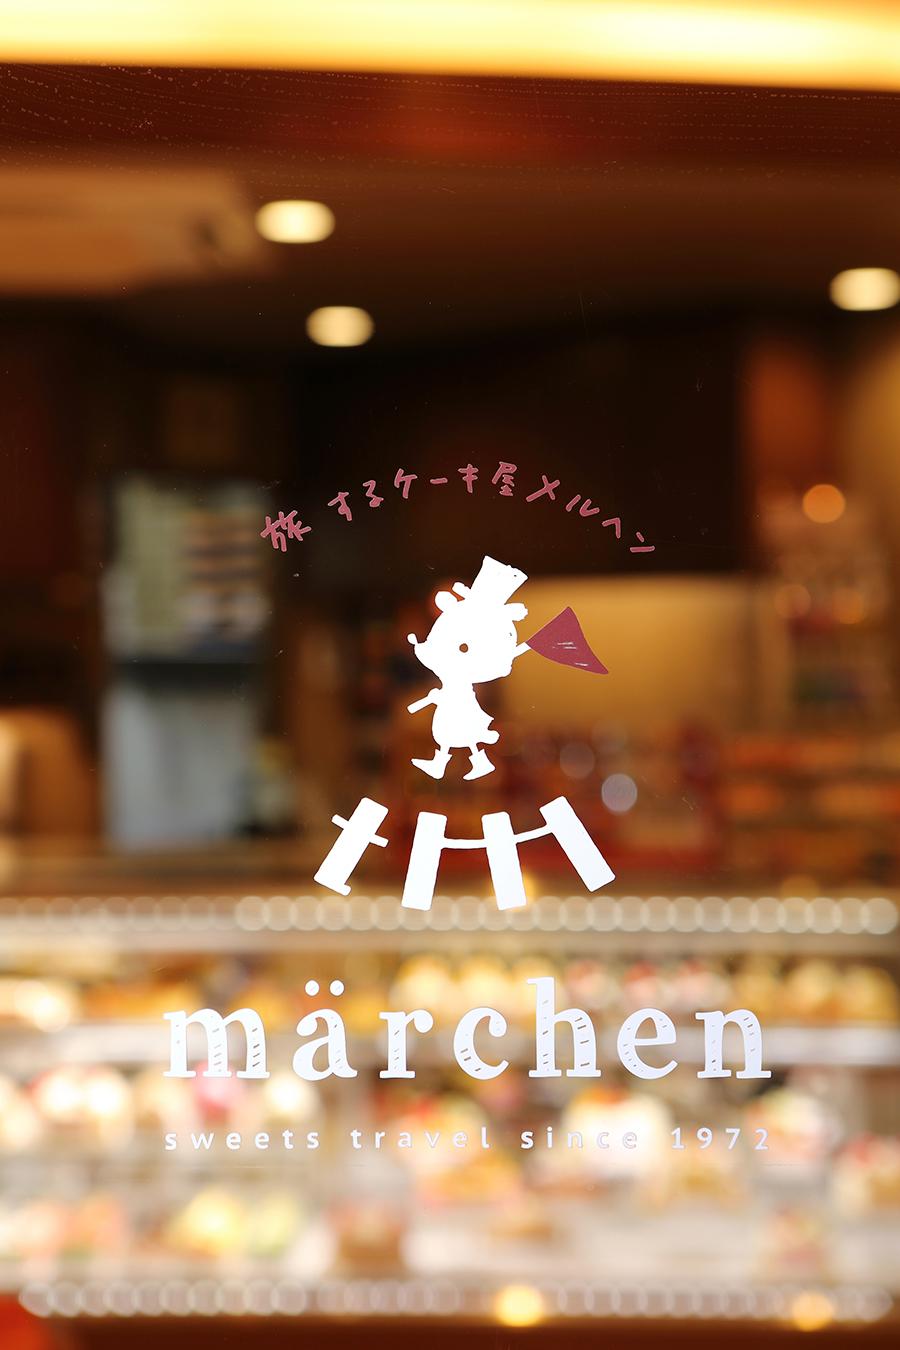 ケーキ屋のロゴデザイン